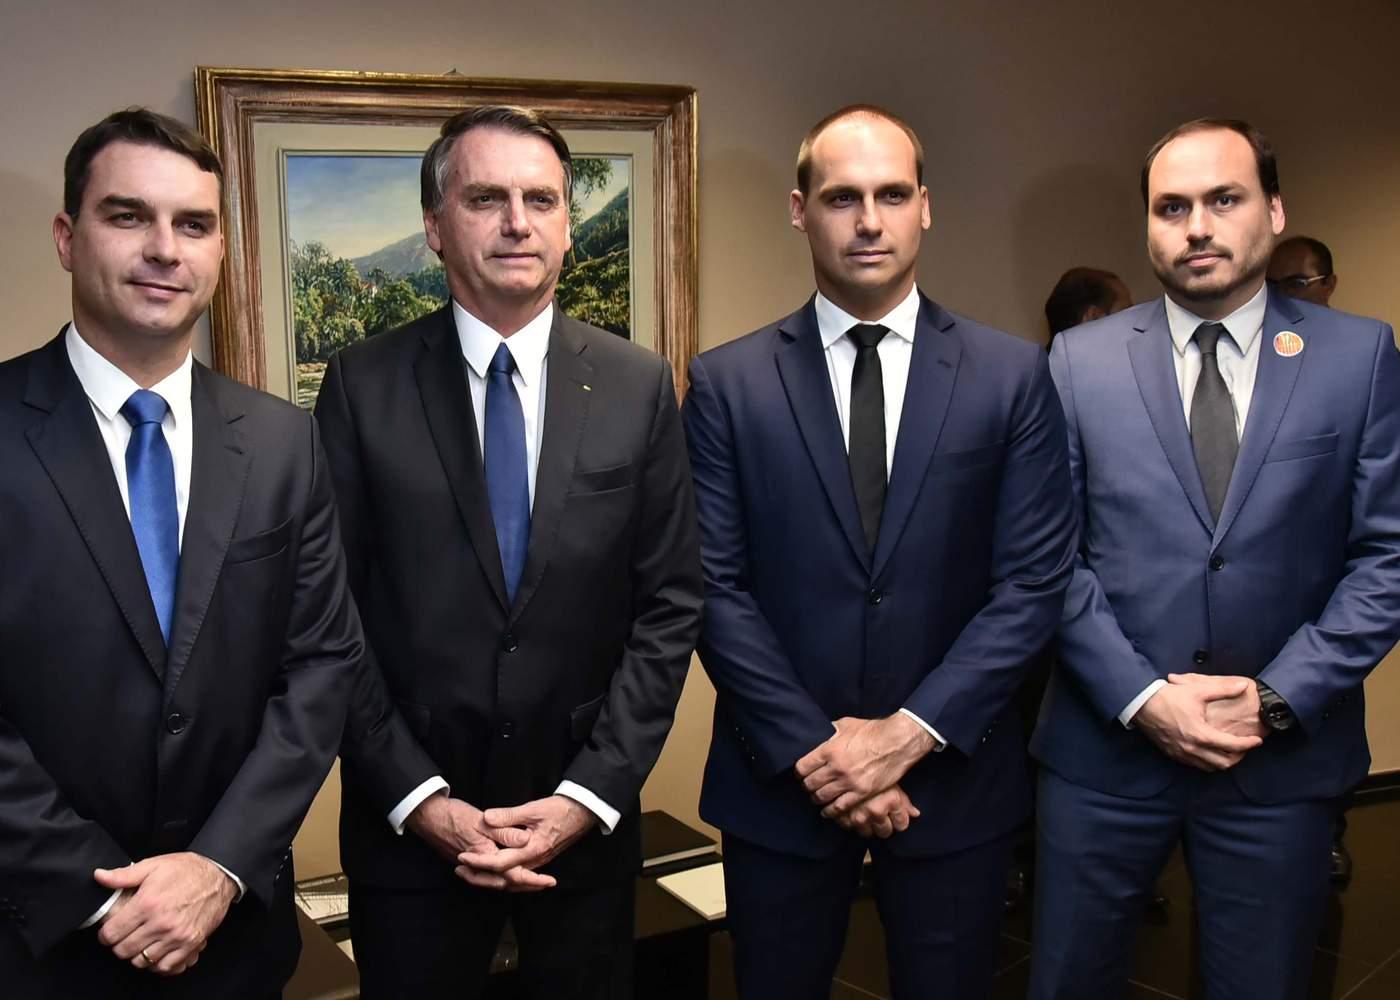 Bolsonaro e os filhos Flávio, Eduardo e Carlos, da esquerda para a direita